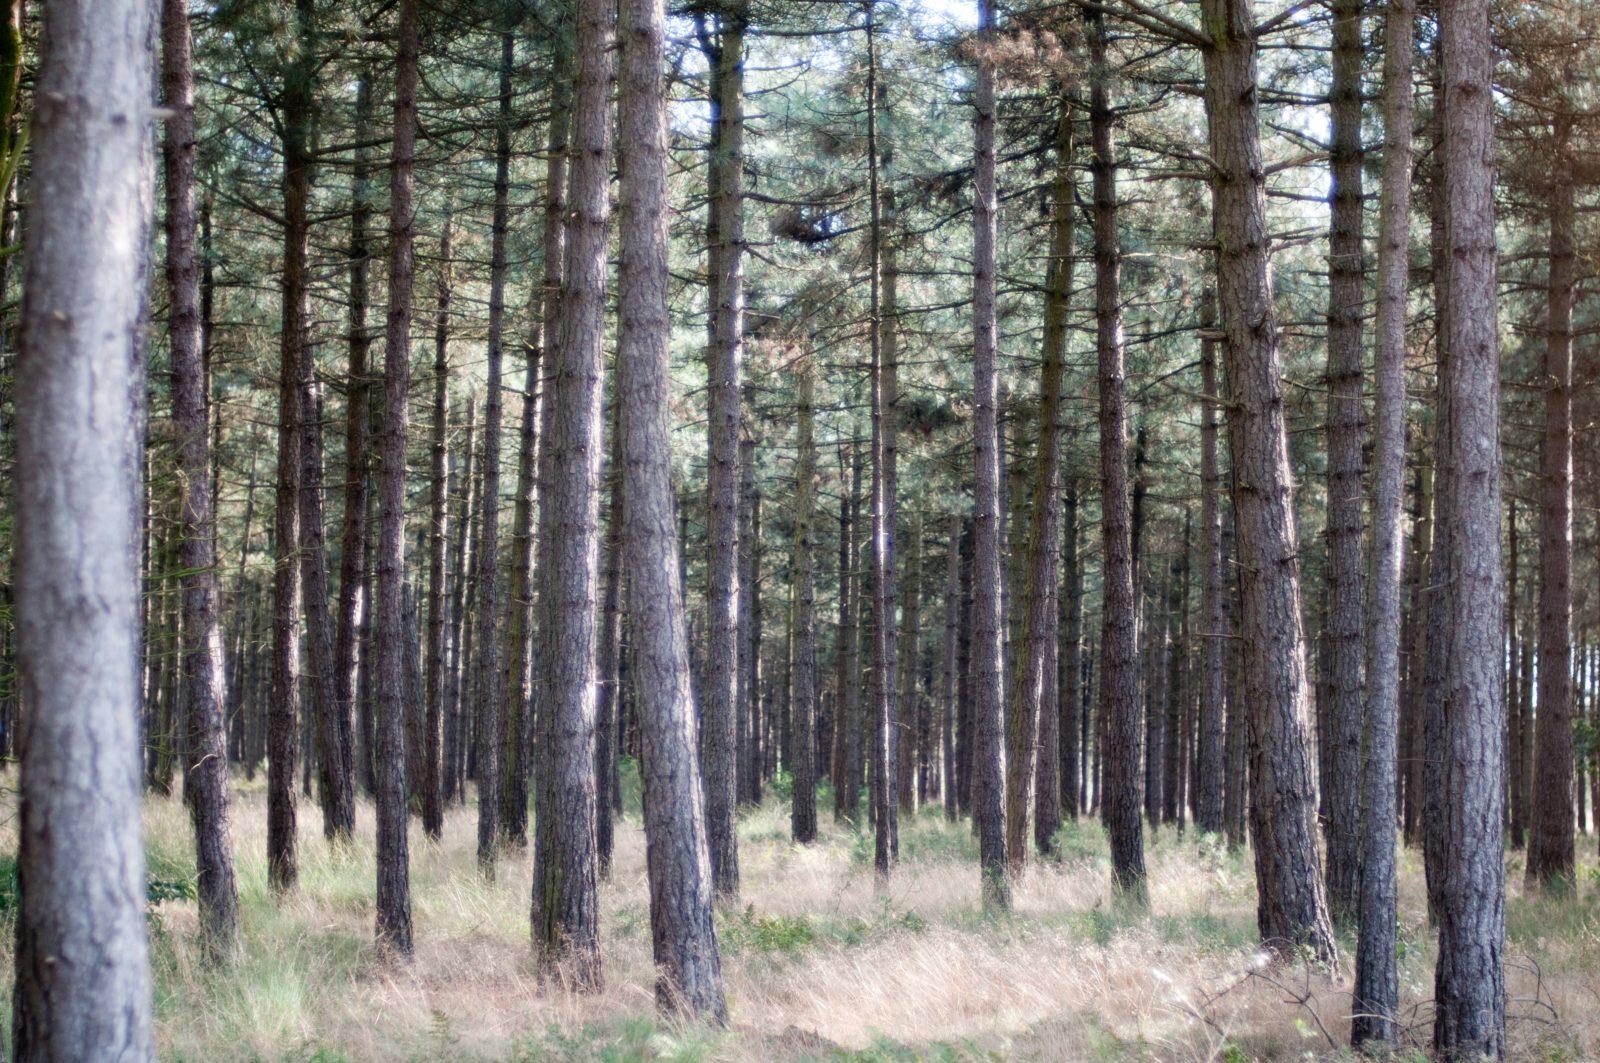 Forrest Tree Trunks Pattern